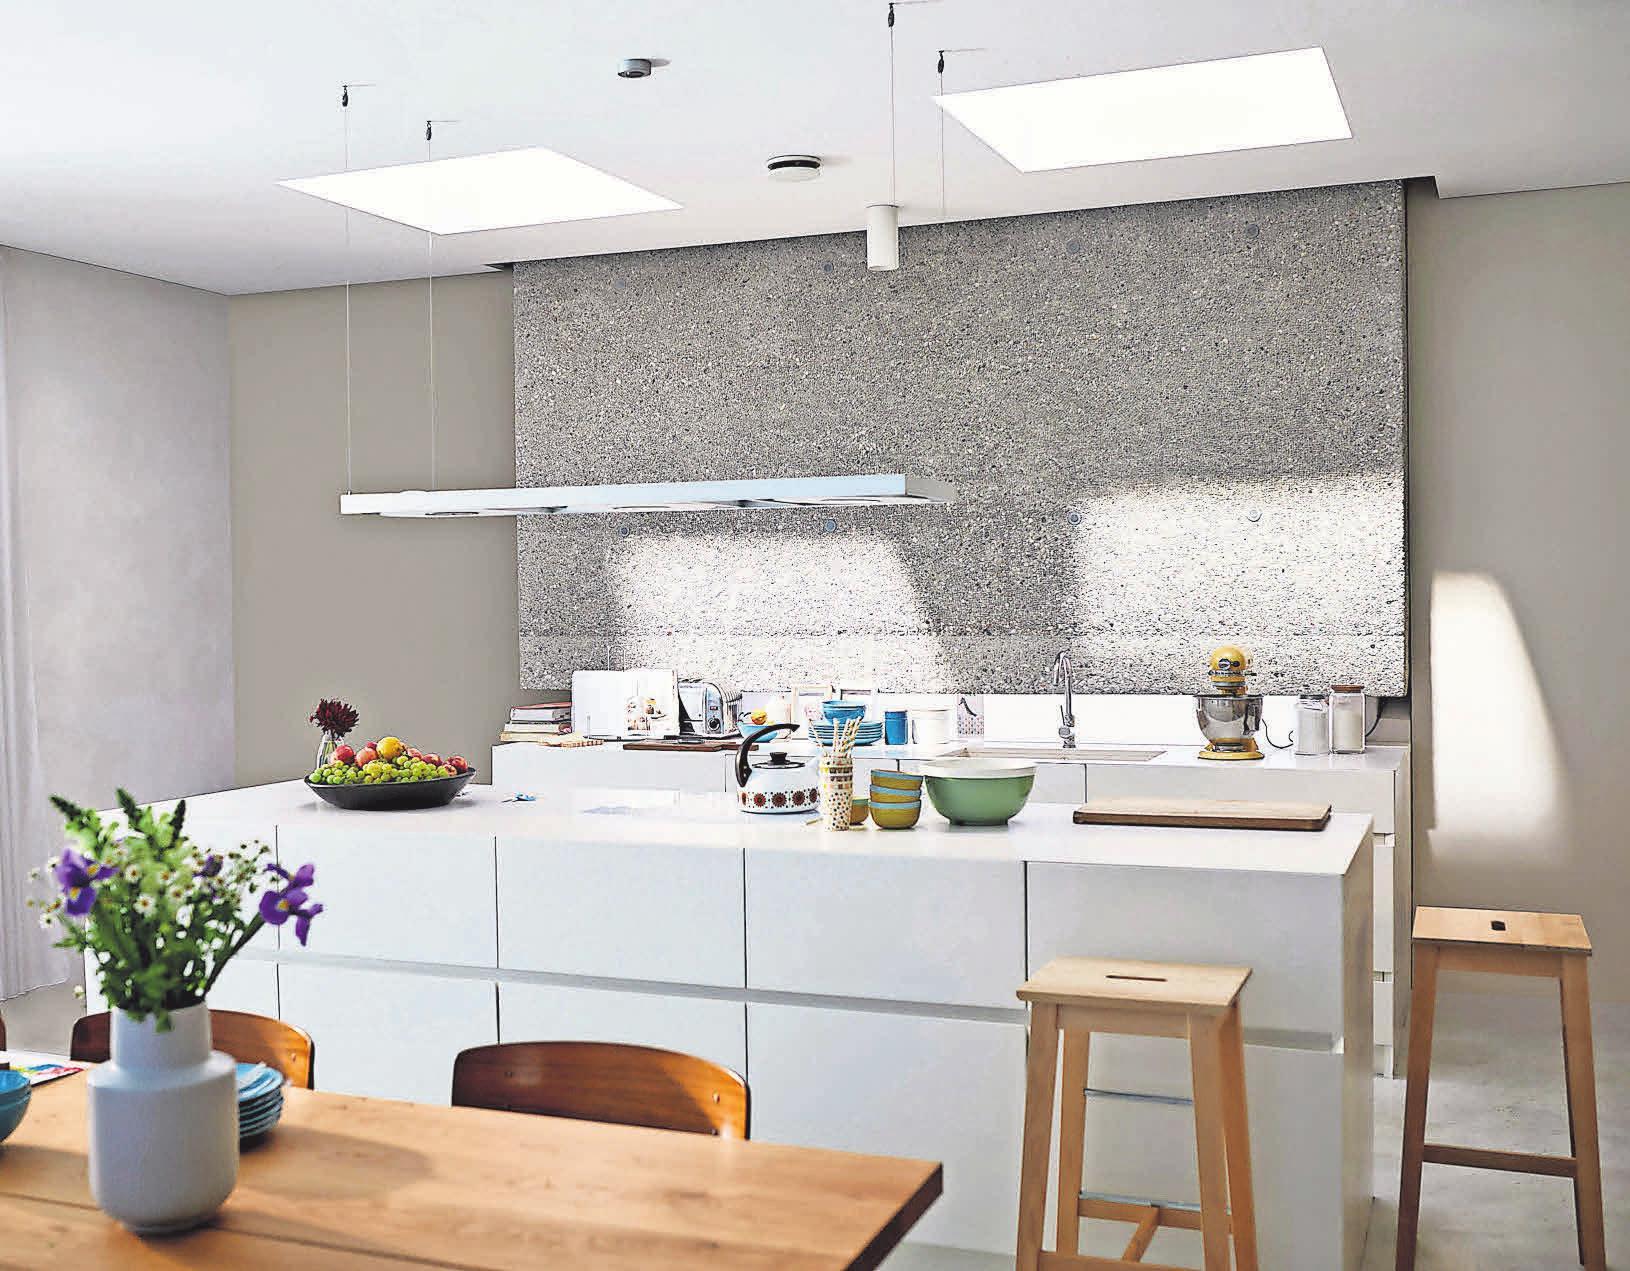 Es werde Licht: Flachdachfenster bringen die gewünschte Helligkeit und auf Knopfdruck auch Frischluft in den Bungalow. Foto: djd/Velux